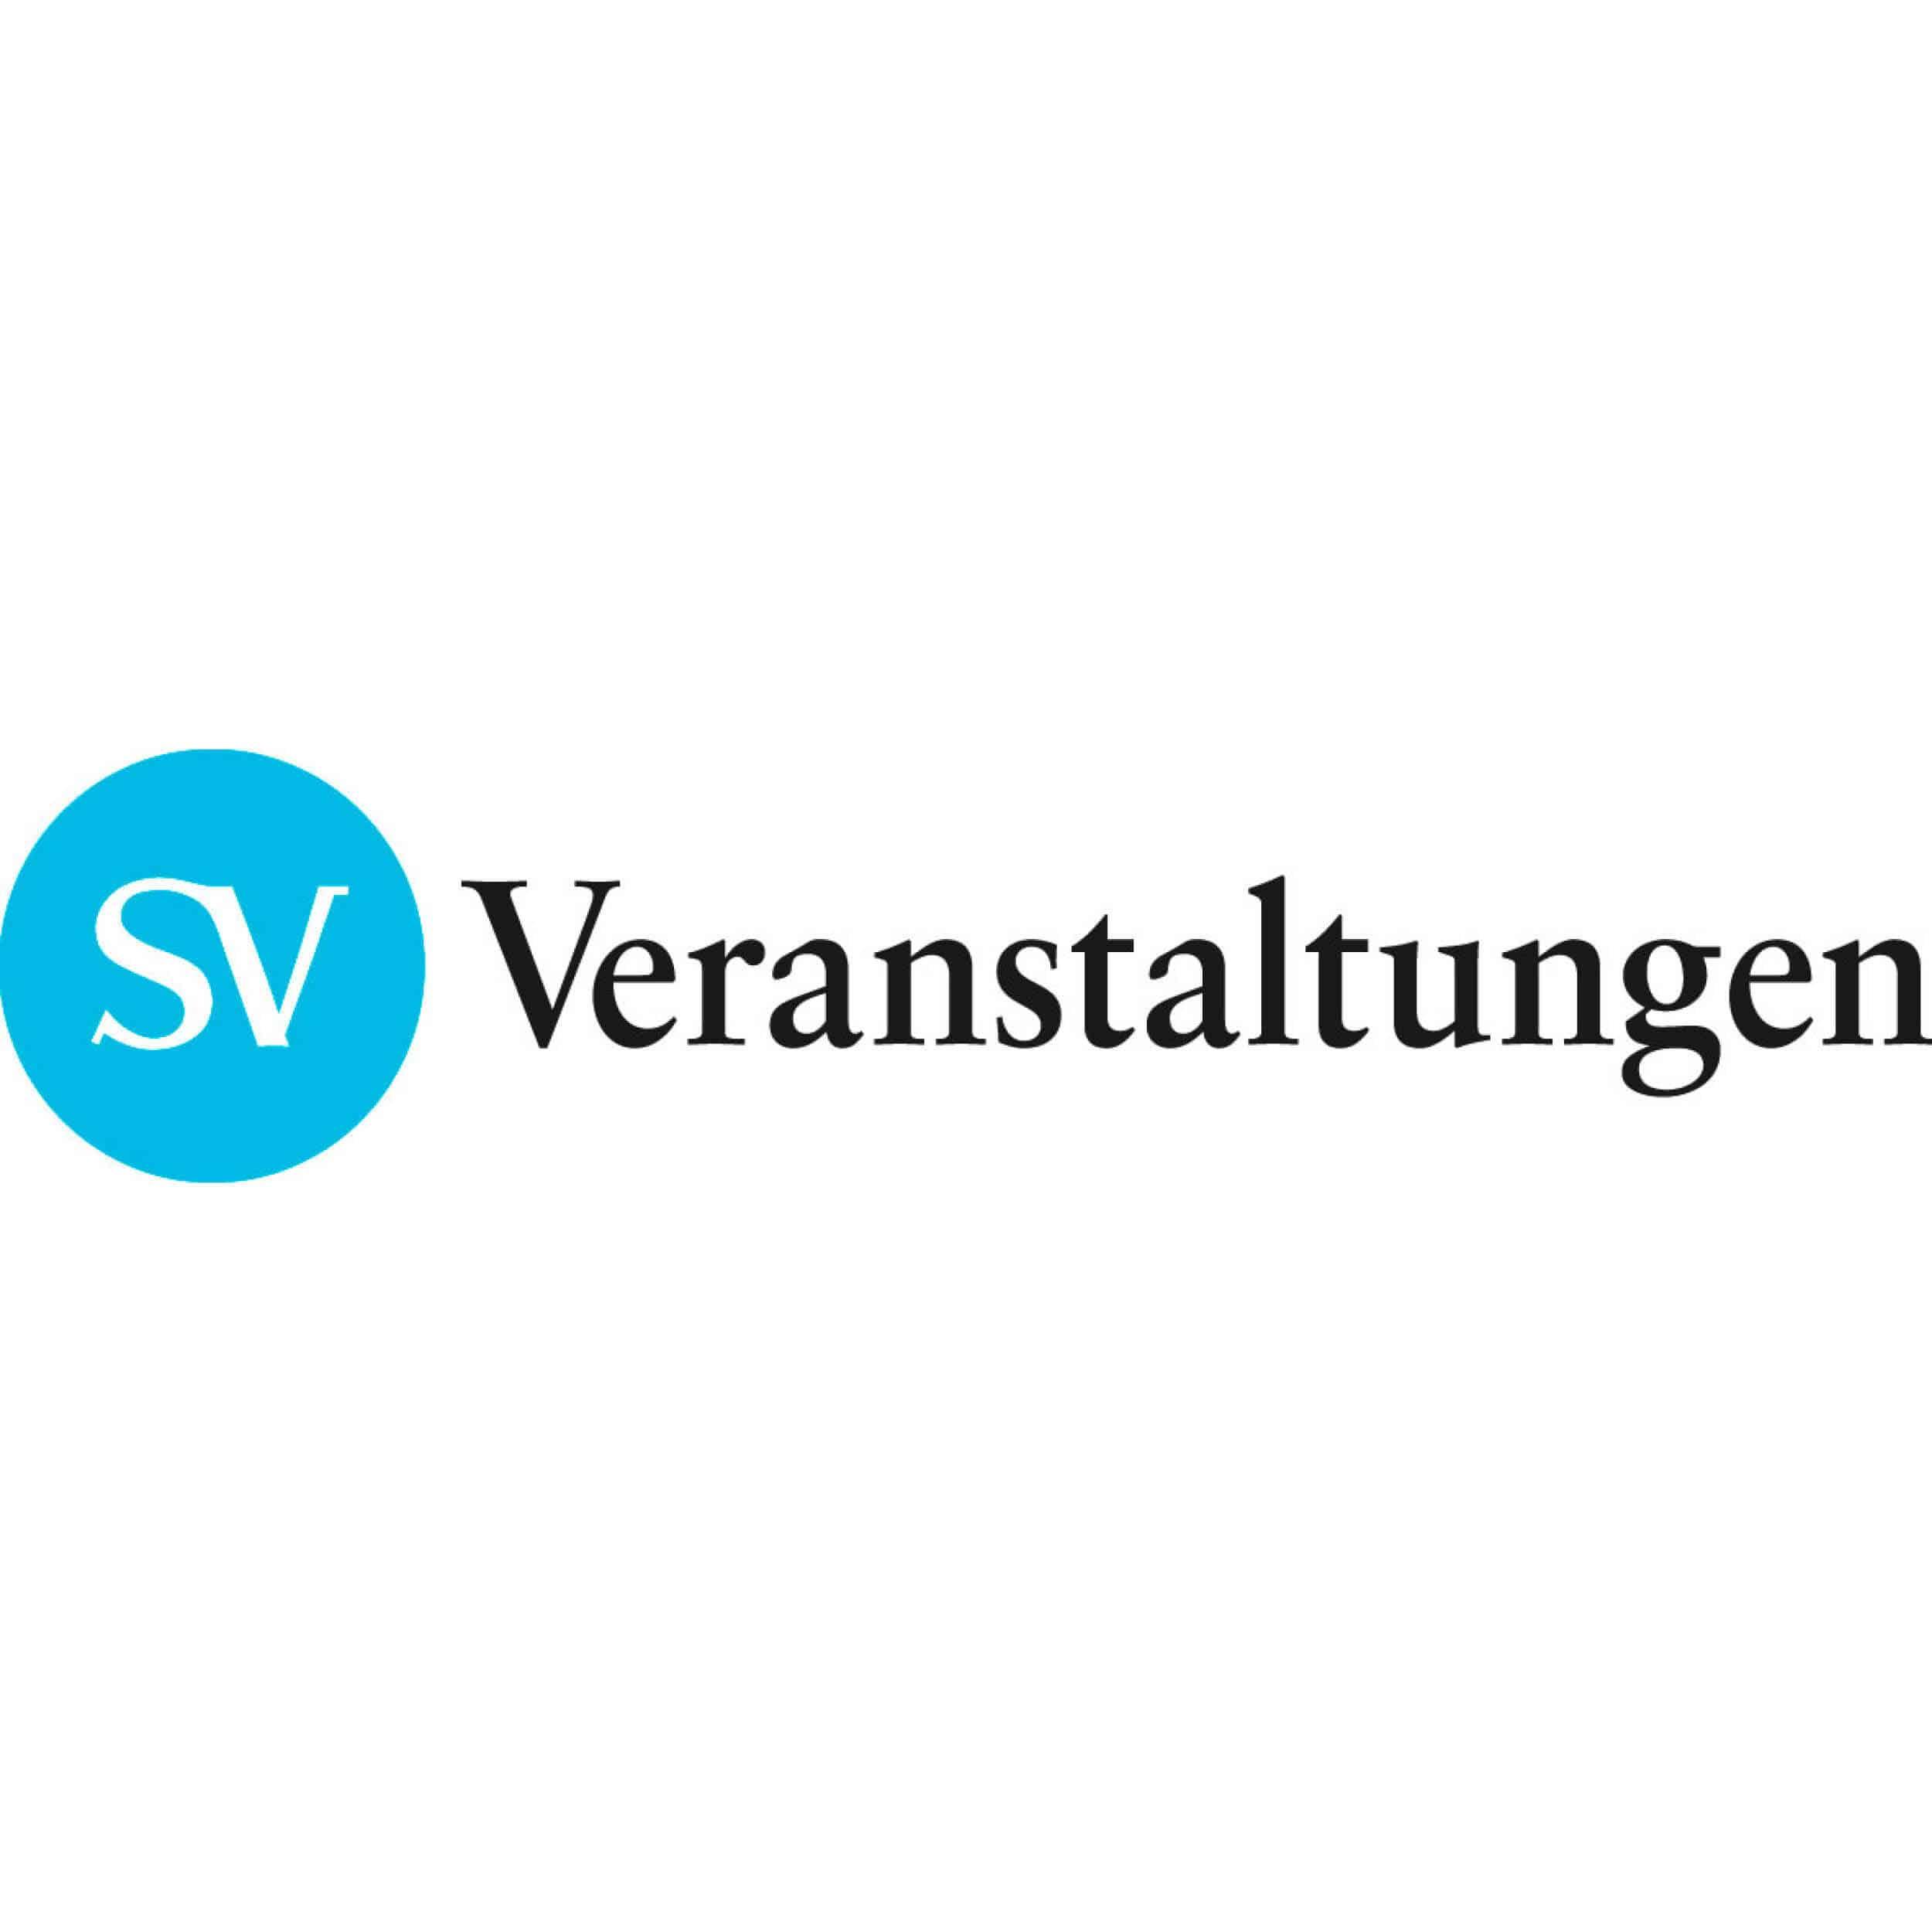 Logo1 SV Veranstaltungen